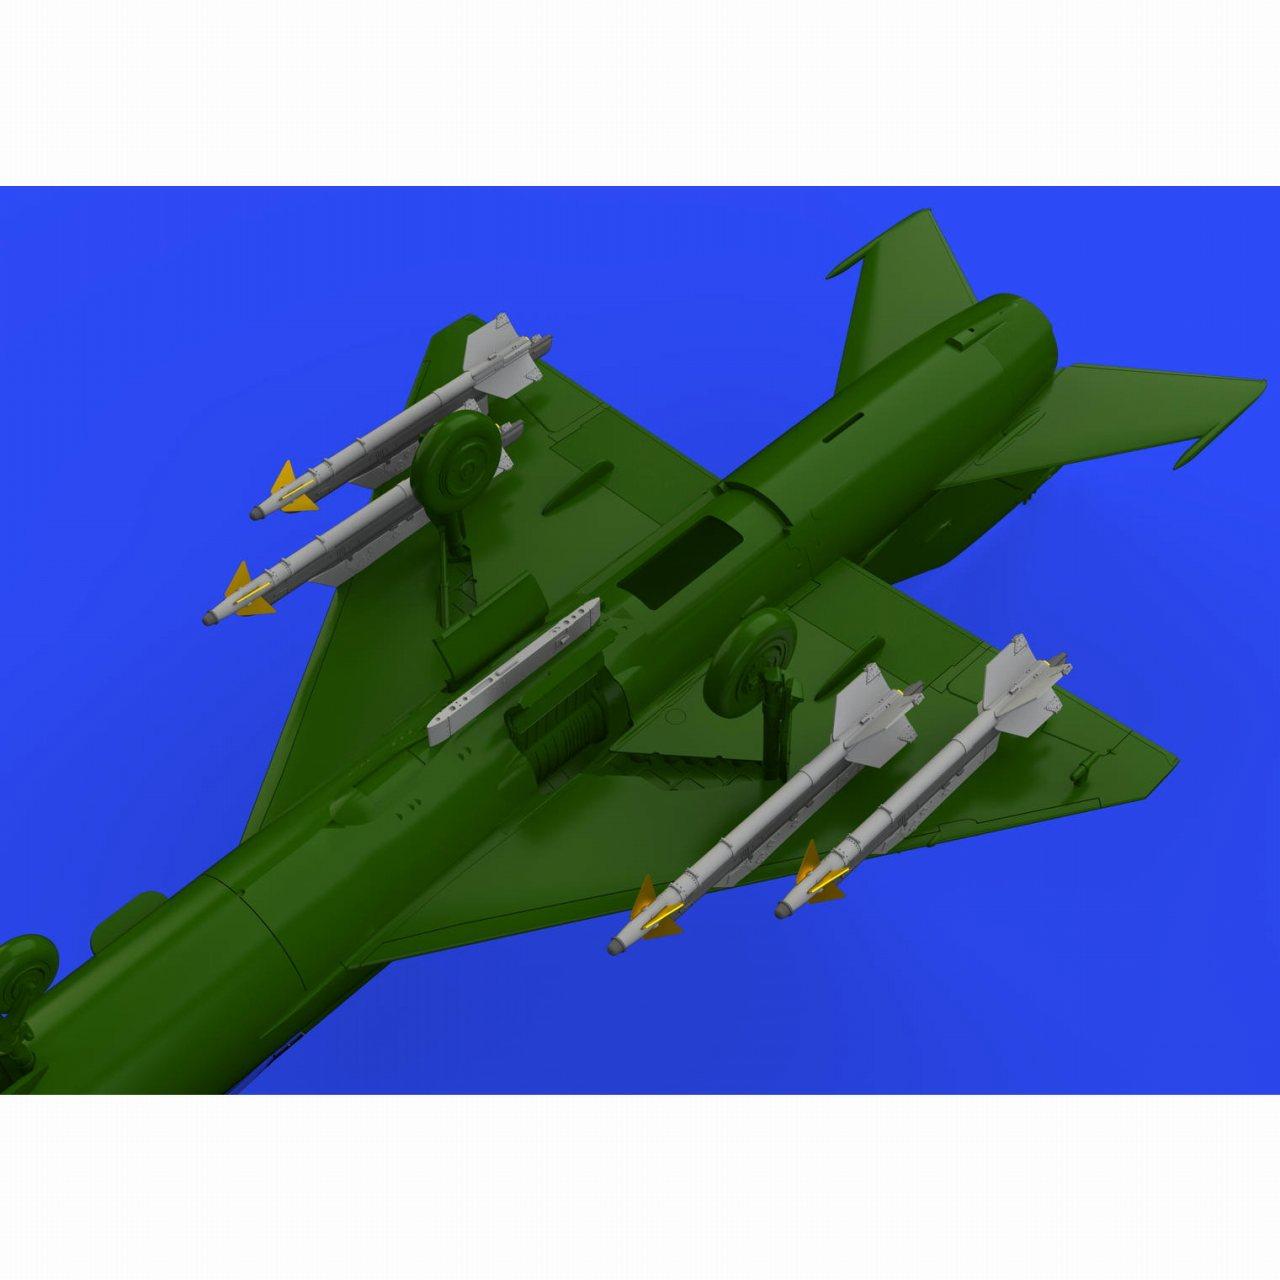 【新製品】ブラッシン672188 R-13M 「アトール」 空対空ミサイル w/MiG-21 パイロン